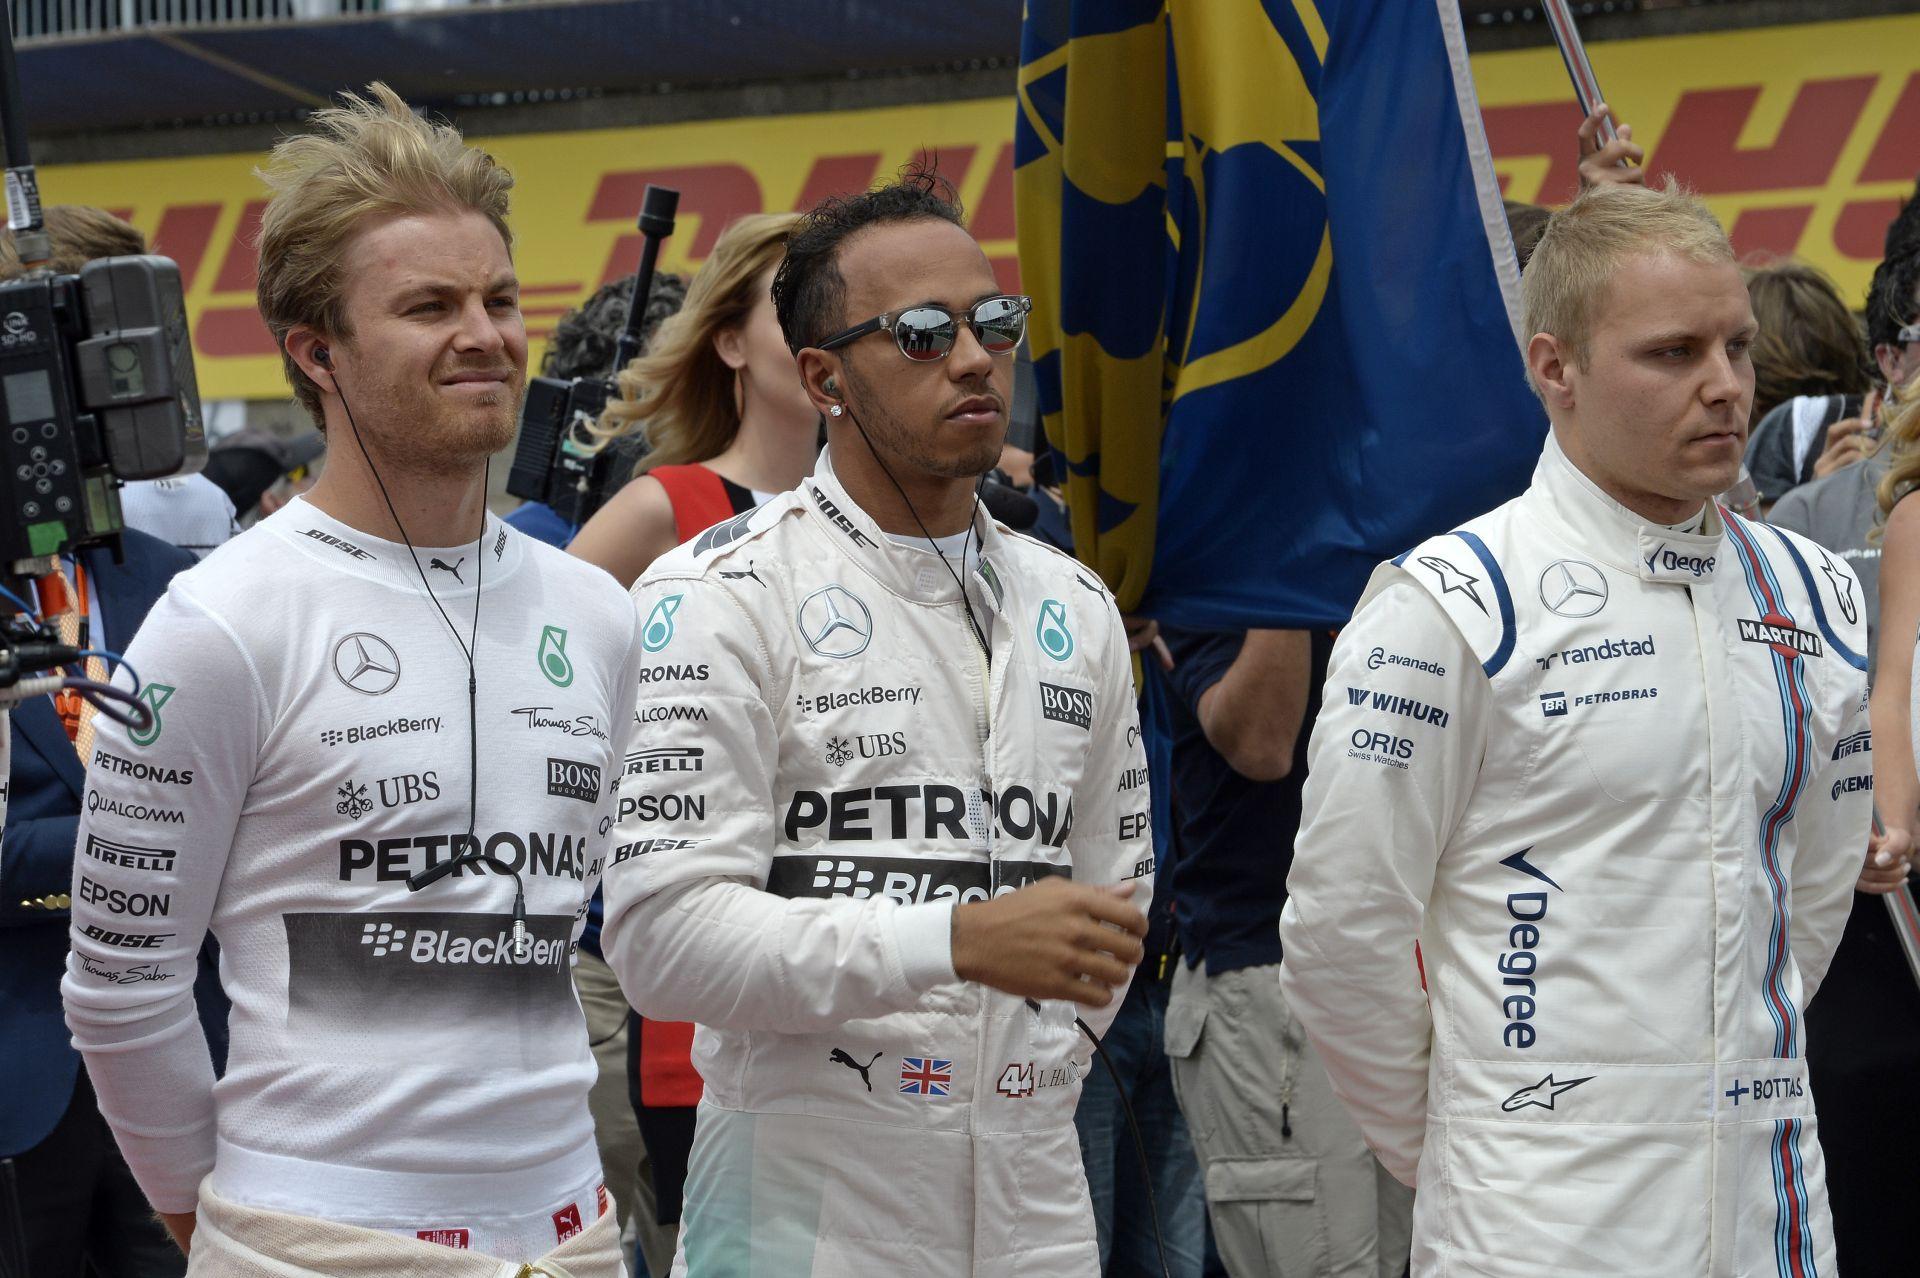 Valtteri Bottasnak a Mercedesnél kellene versenyeznie?